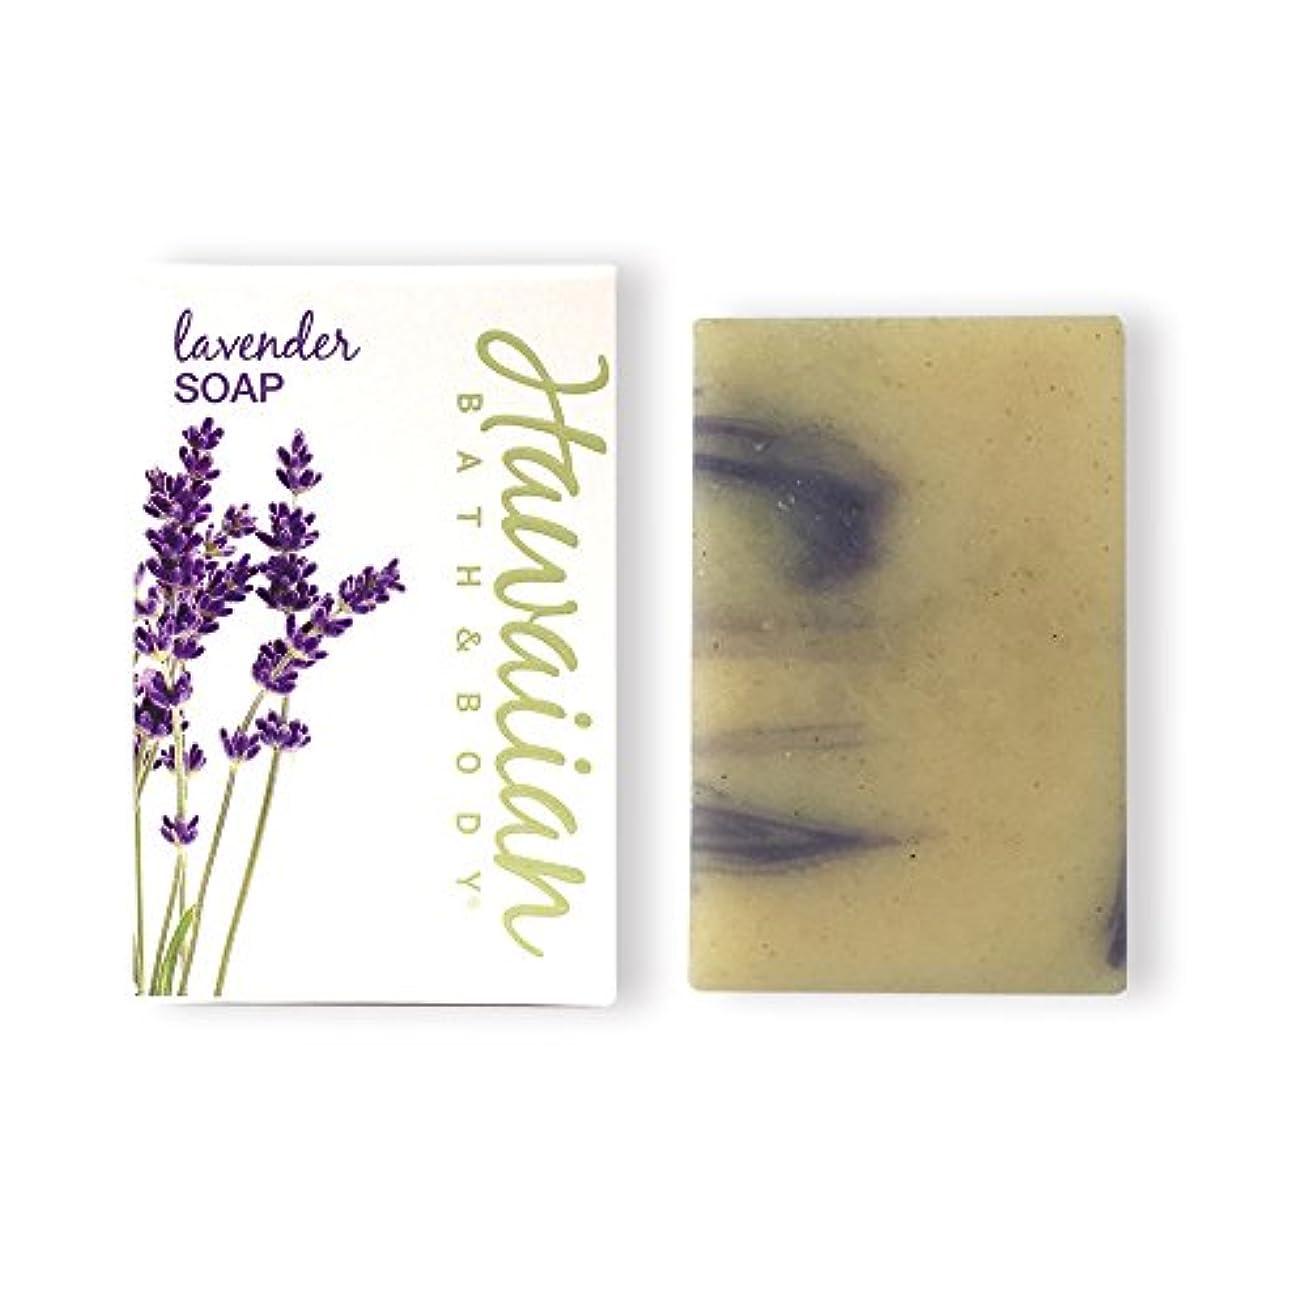 入手しますグラスドールハワイアンバス&ボディ ラベンダー?ナチュラルソープ ( Lavender Soap )